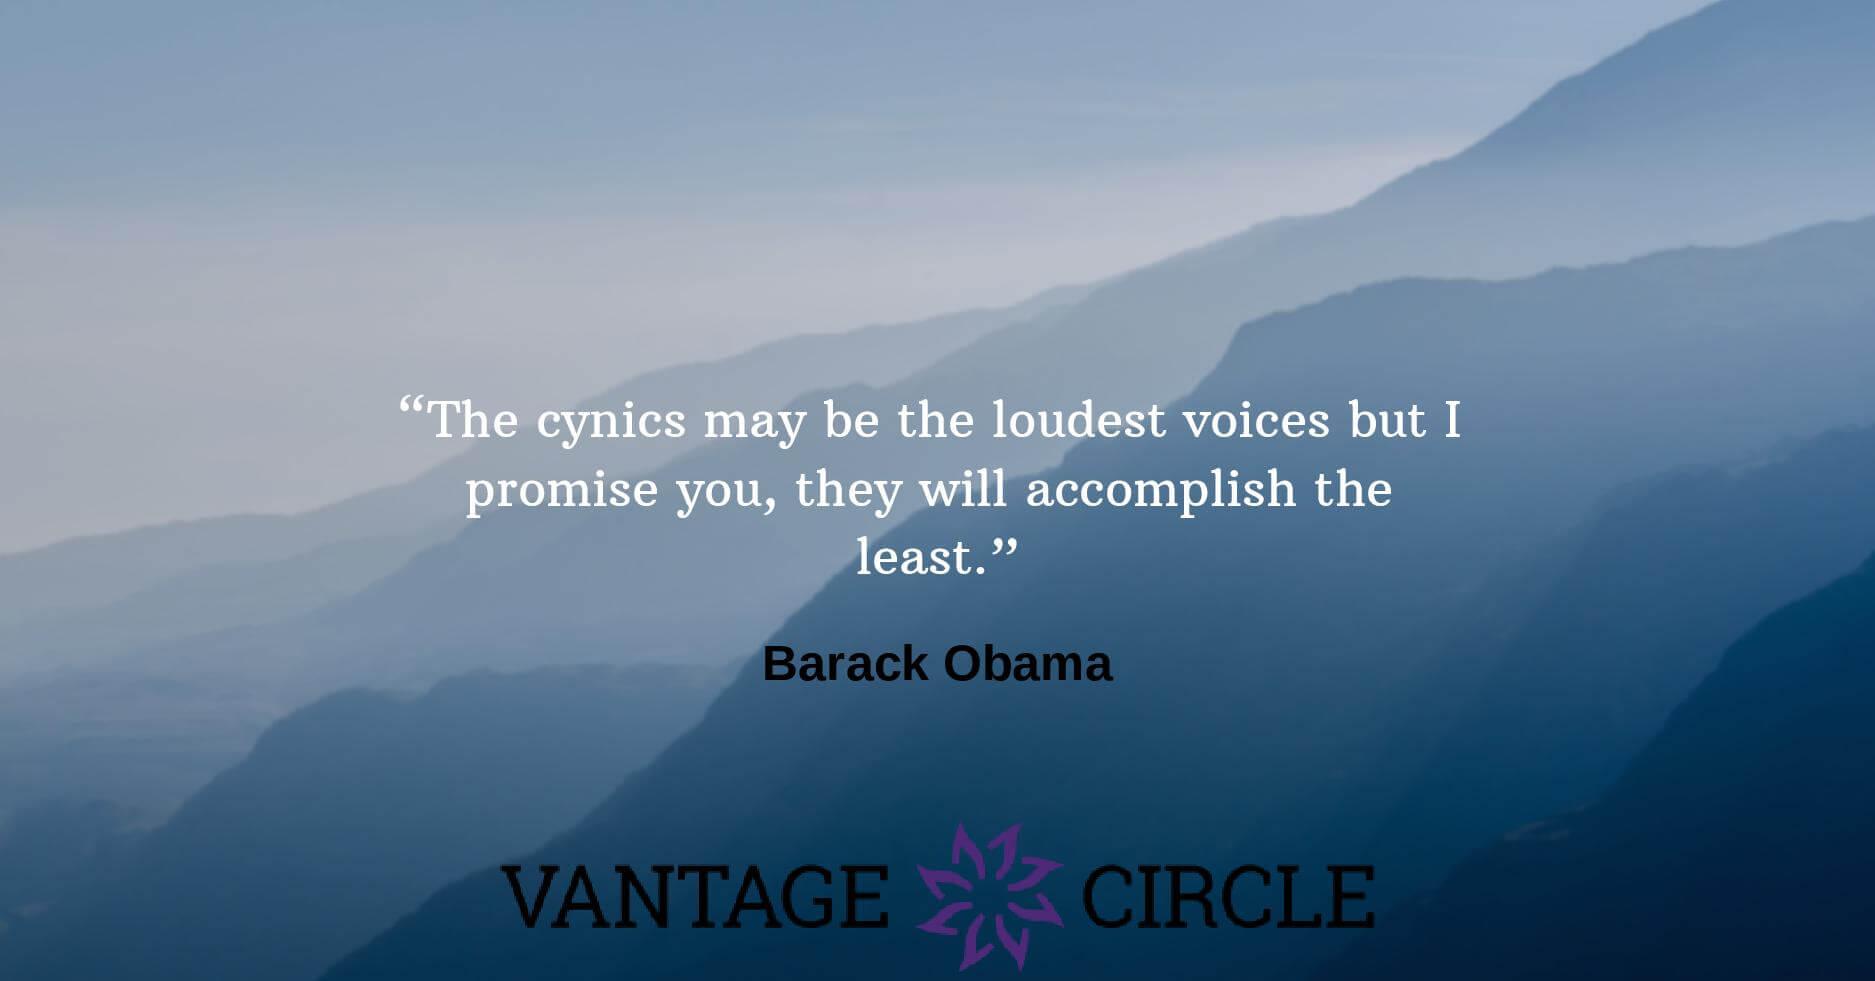 Employee-motivational-quotes-Barack-Obama